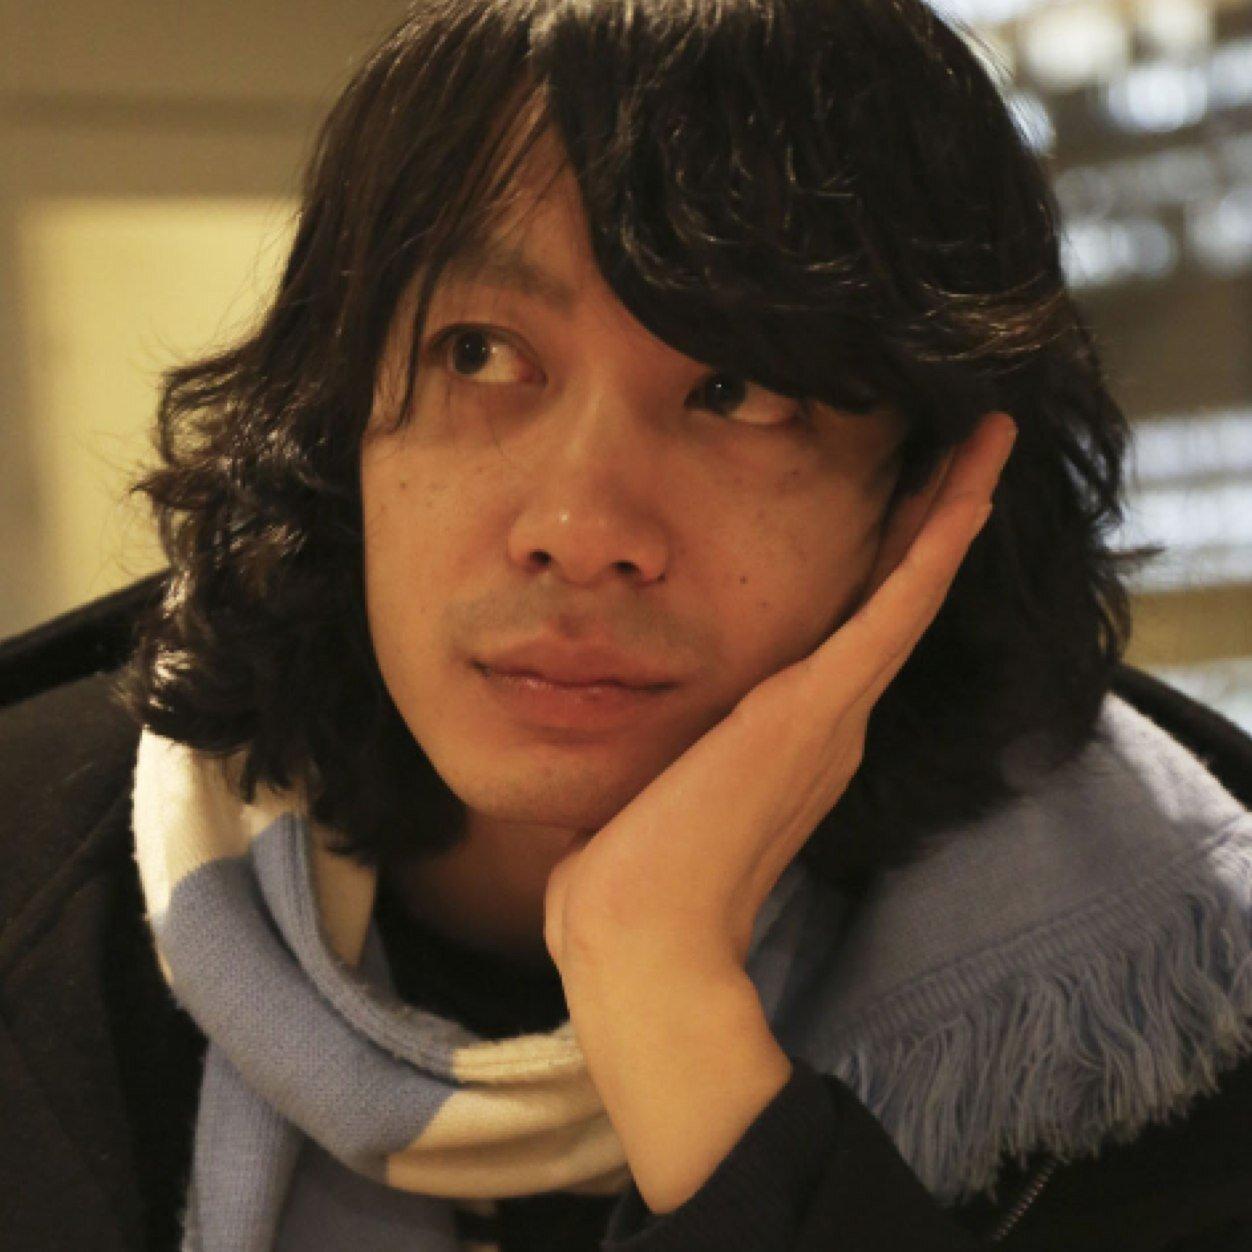 峯田和伸の画像 p1_39